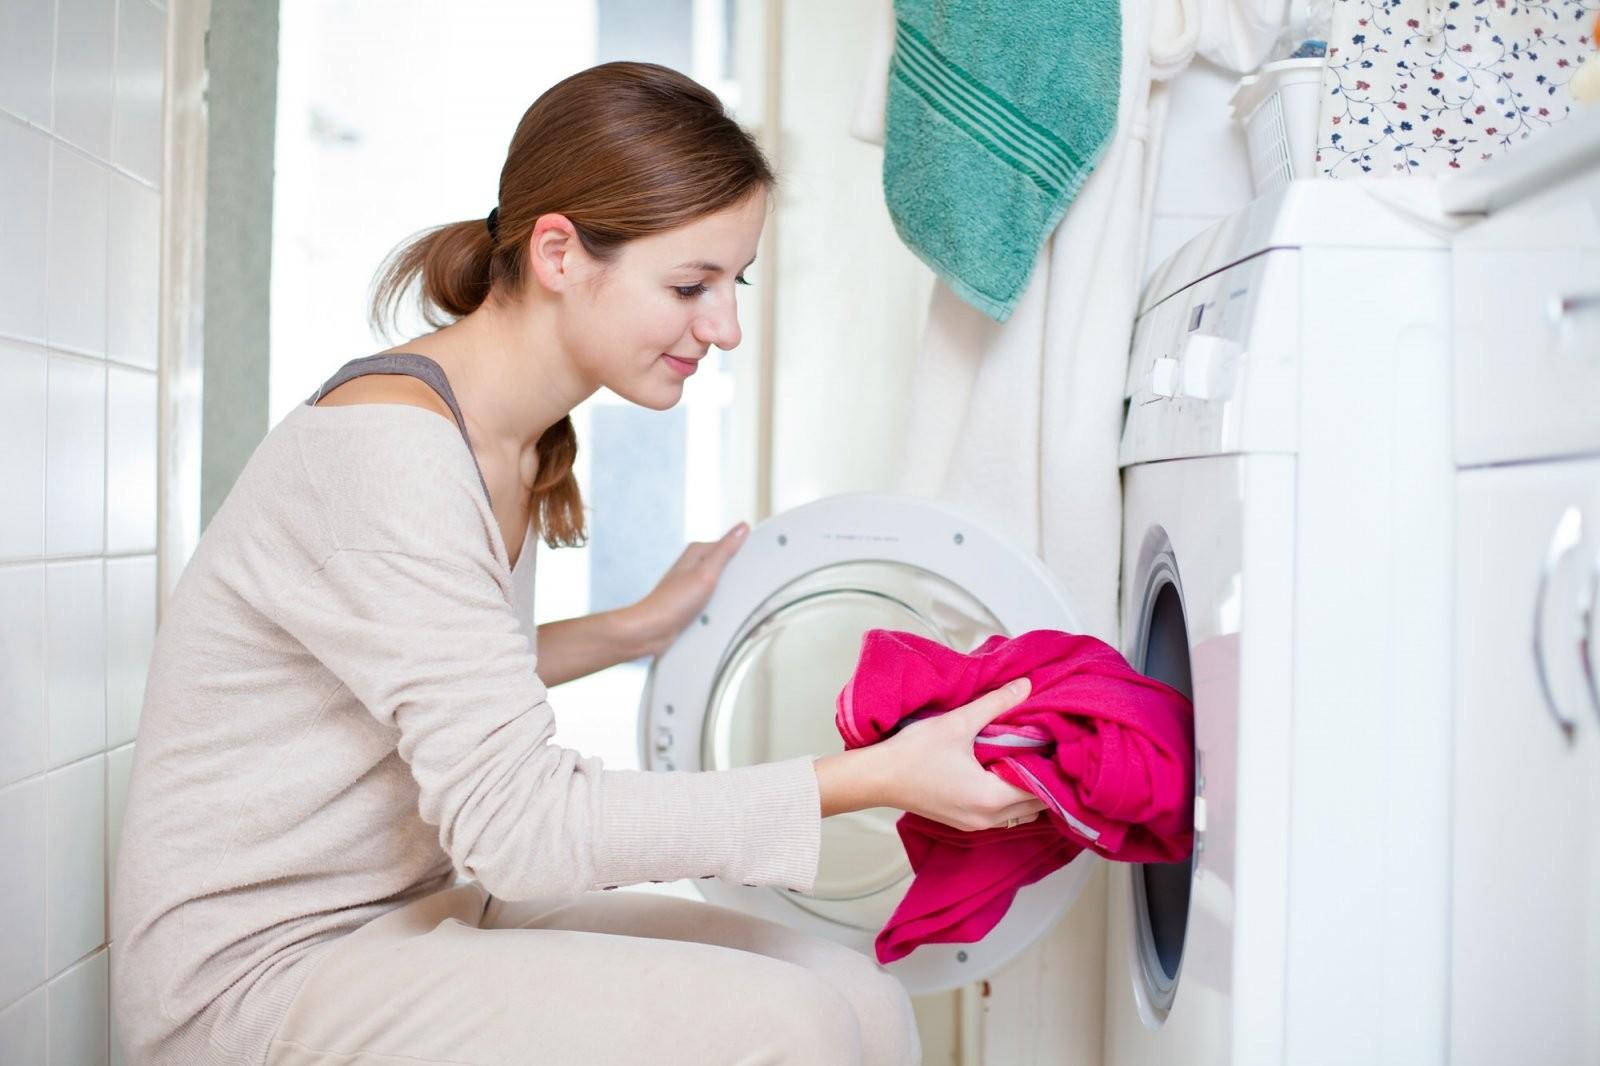 Bettwäsche Waschen  Wie Viel Grad Sind Richtig  Heimhelden von Auf Wieviel Grad Wäscht Man Bettwäsche Bild